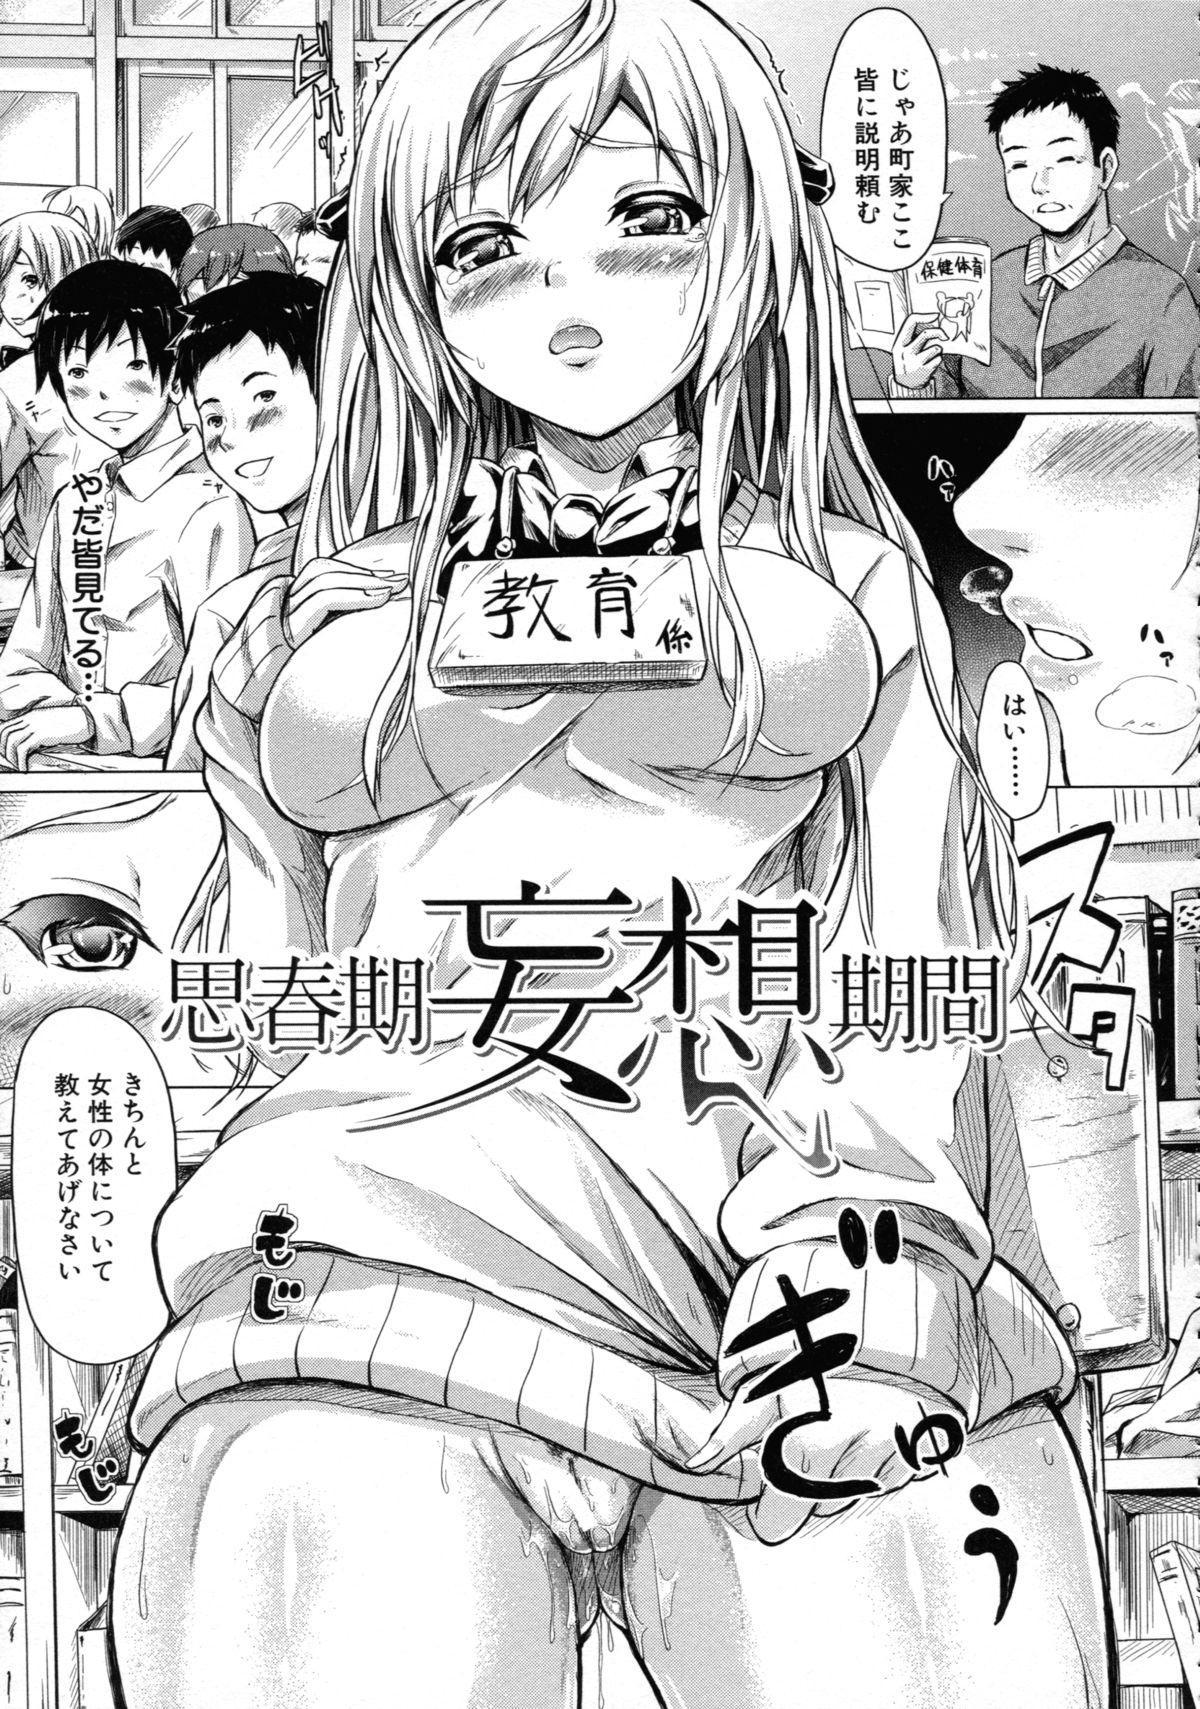 [Shiki Takuto] Tokoharu no Shoujo-tachi - The Girls in the Eternal Spring 190